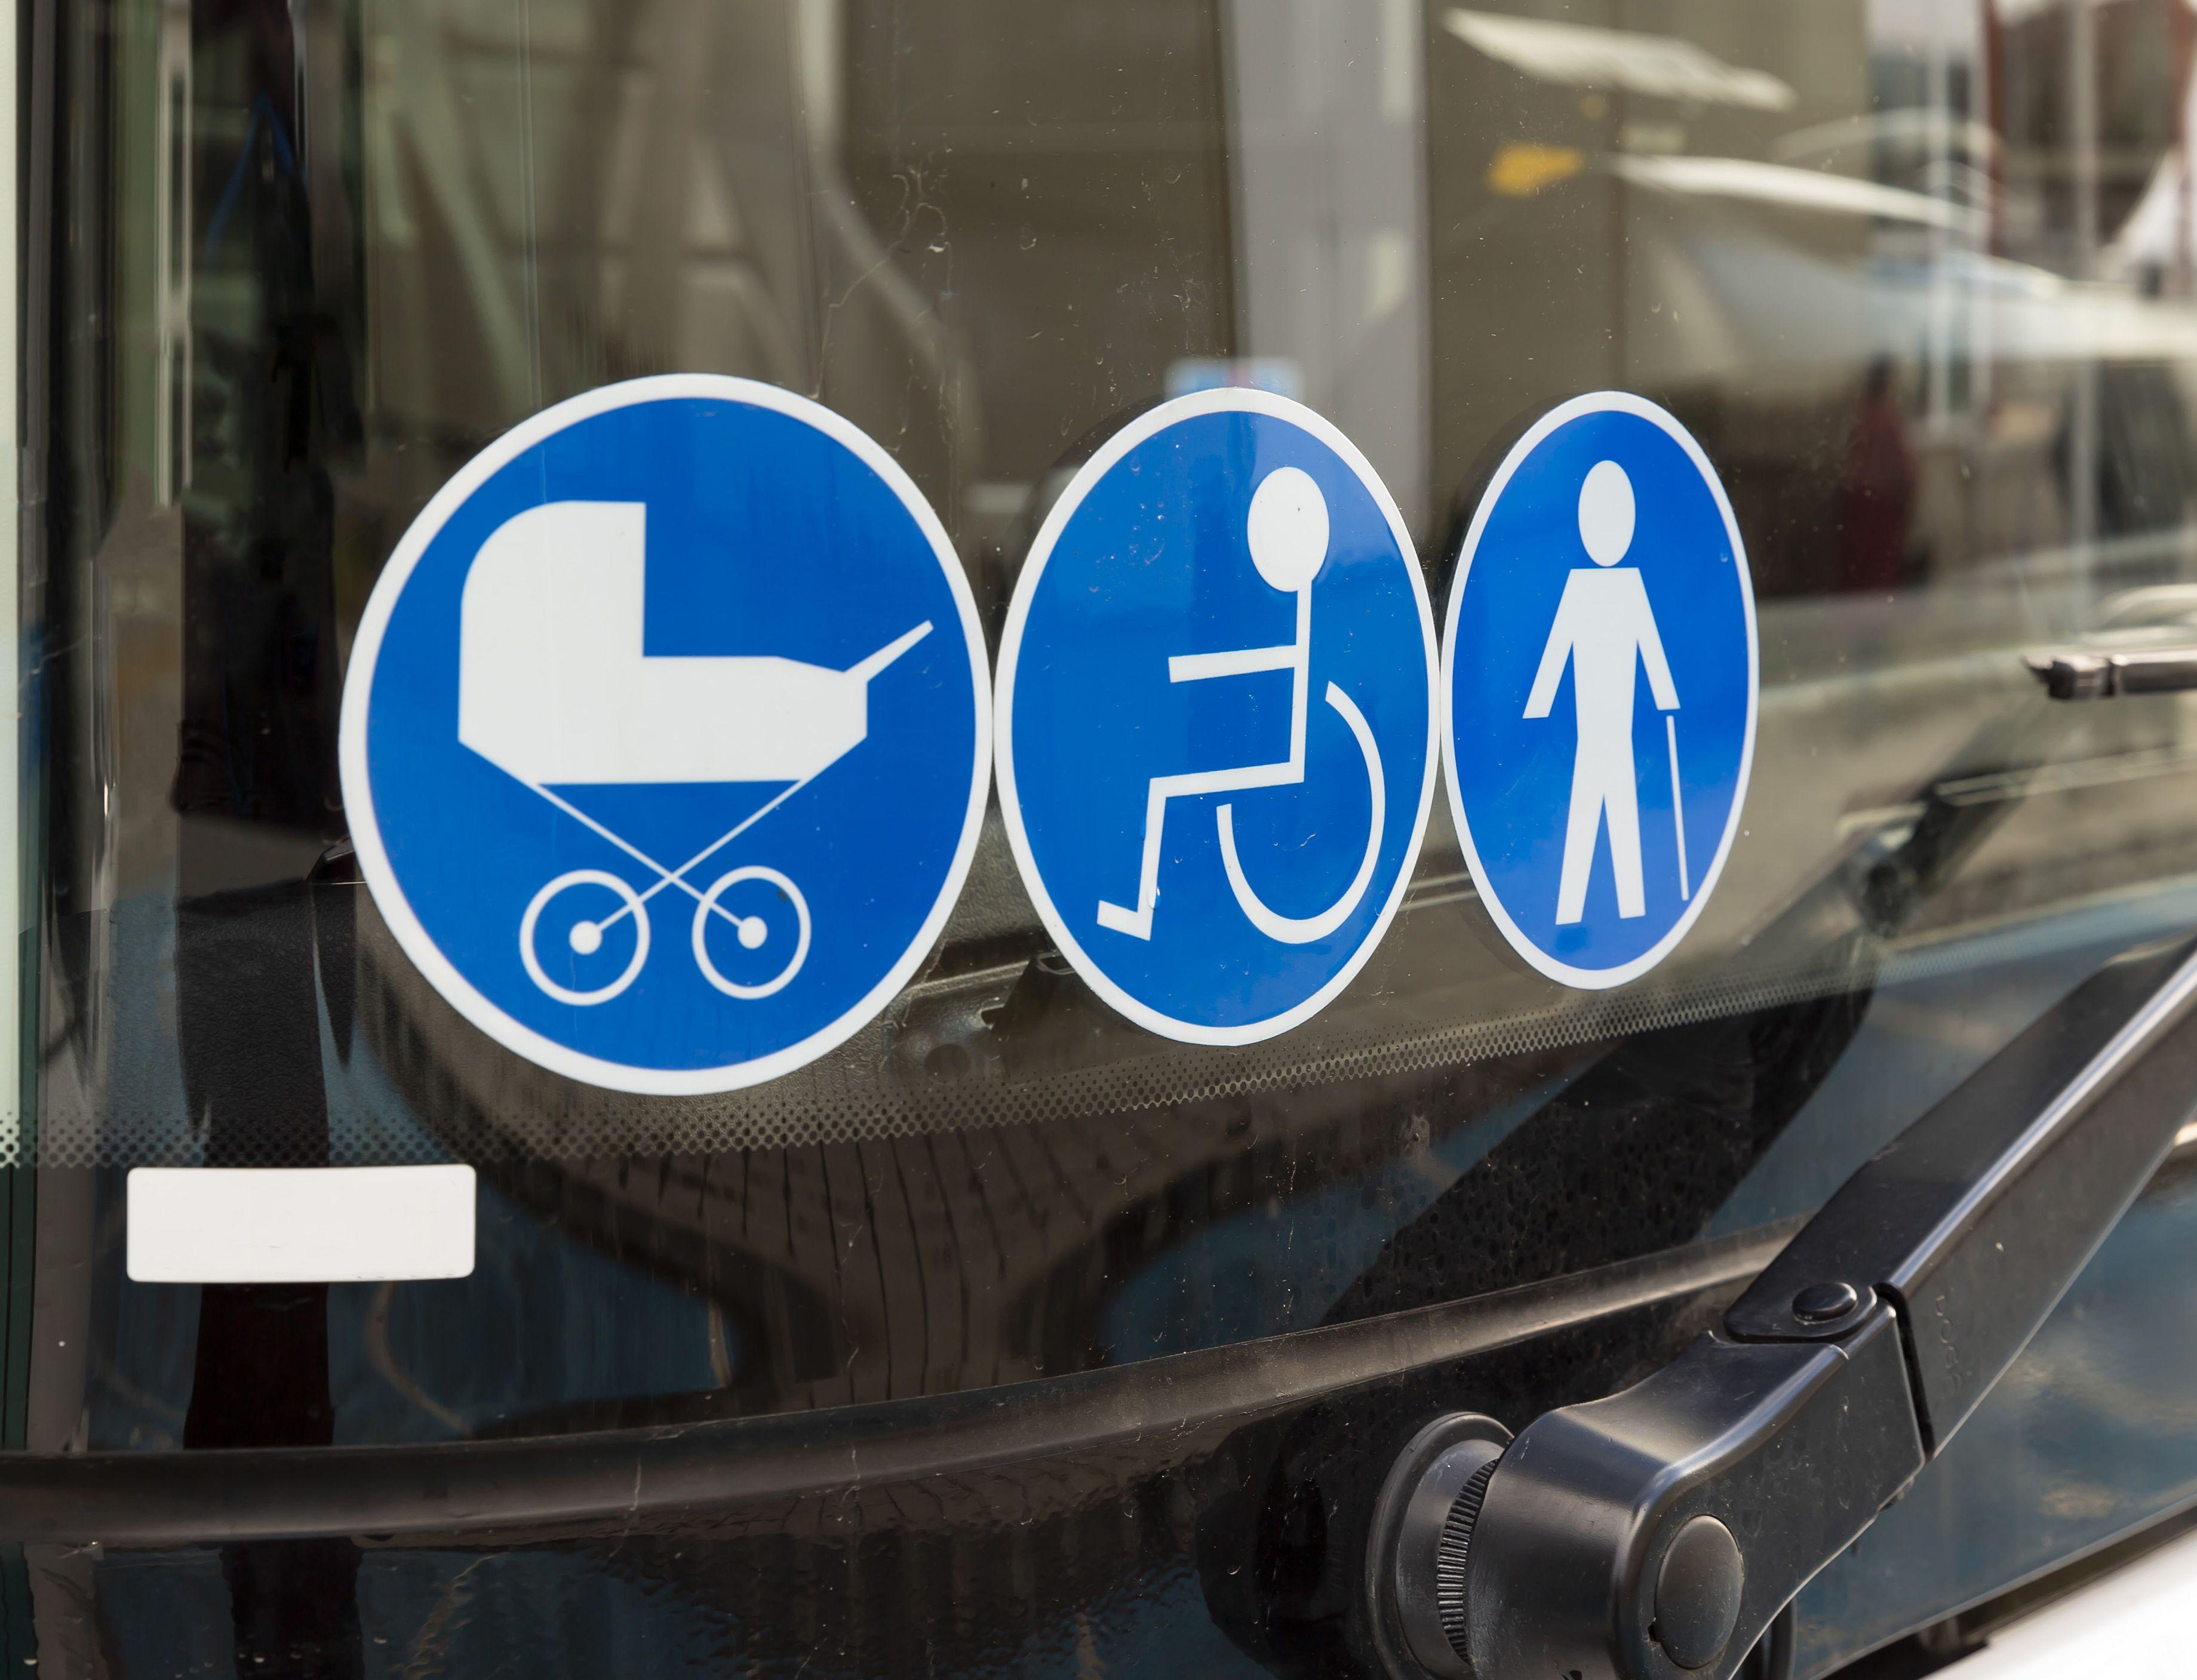 Niepełnosprawni, matki z wózkami, seniorzy... Na jakie bariery trafiają na co dzień w Pleszewie? - Zdjęcie główne